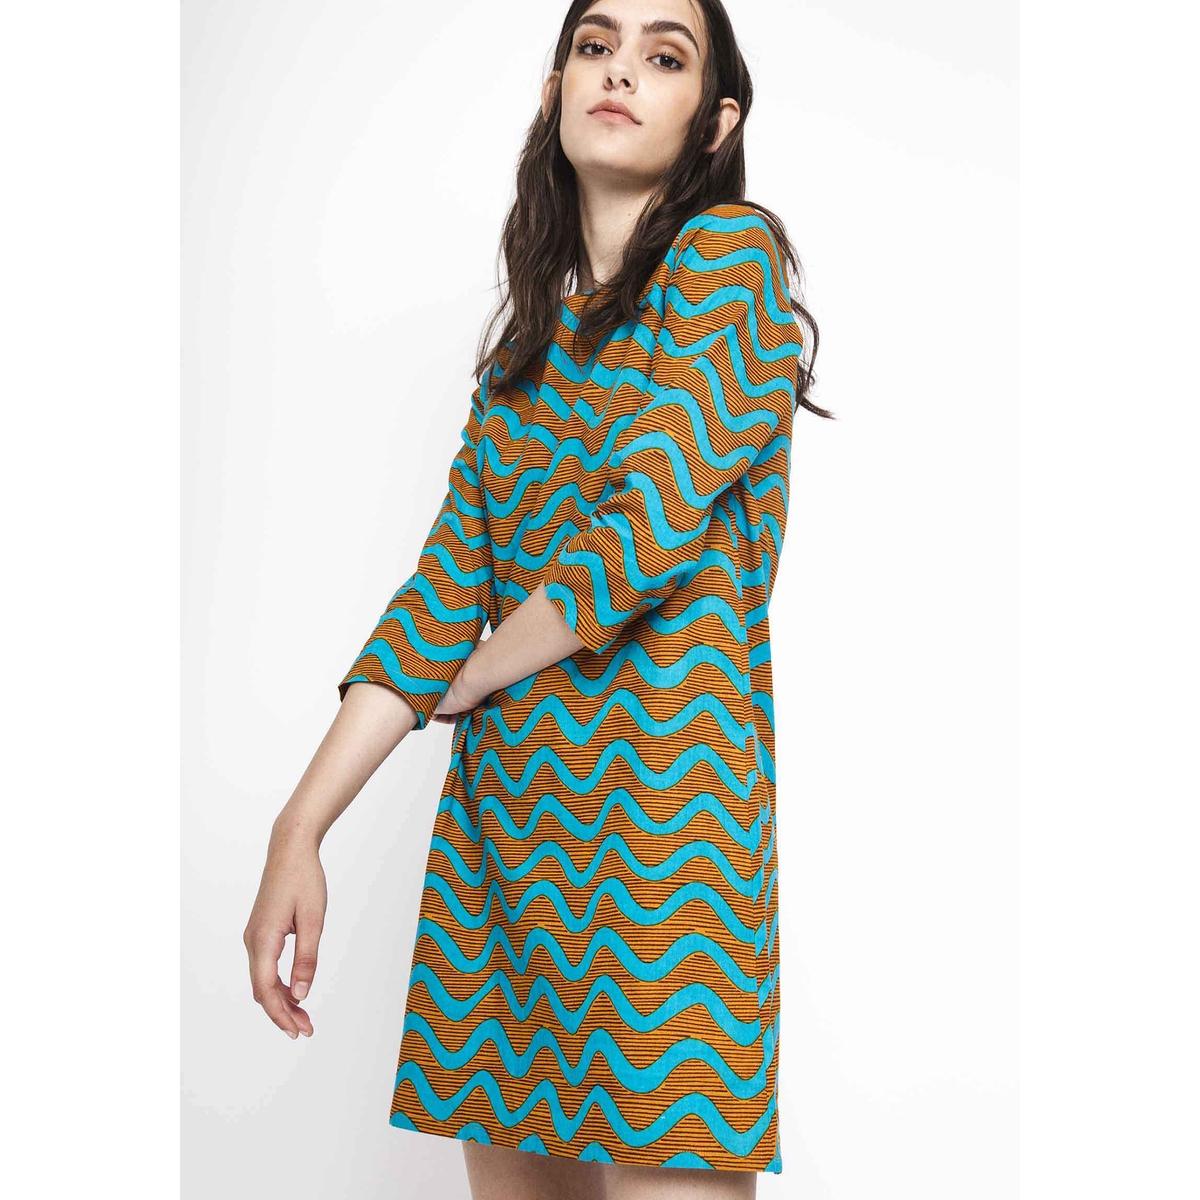 Платье прямое короткое, с рукавами 3/4 от COMPANIA FANTASTICA